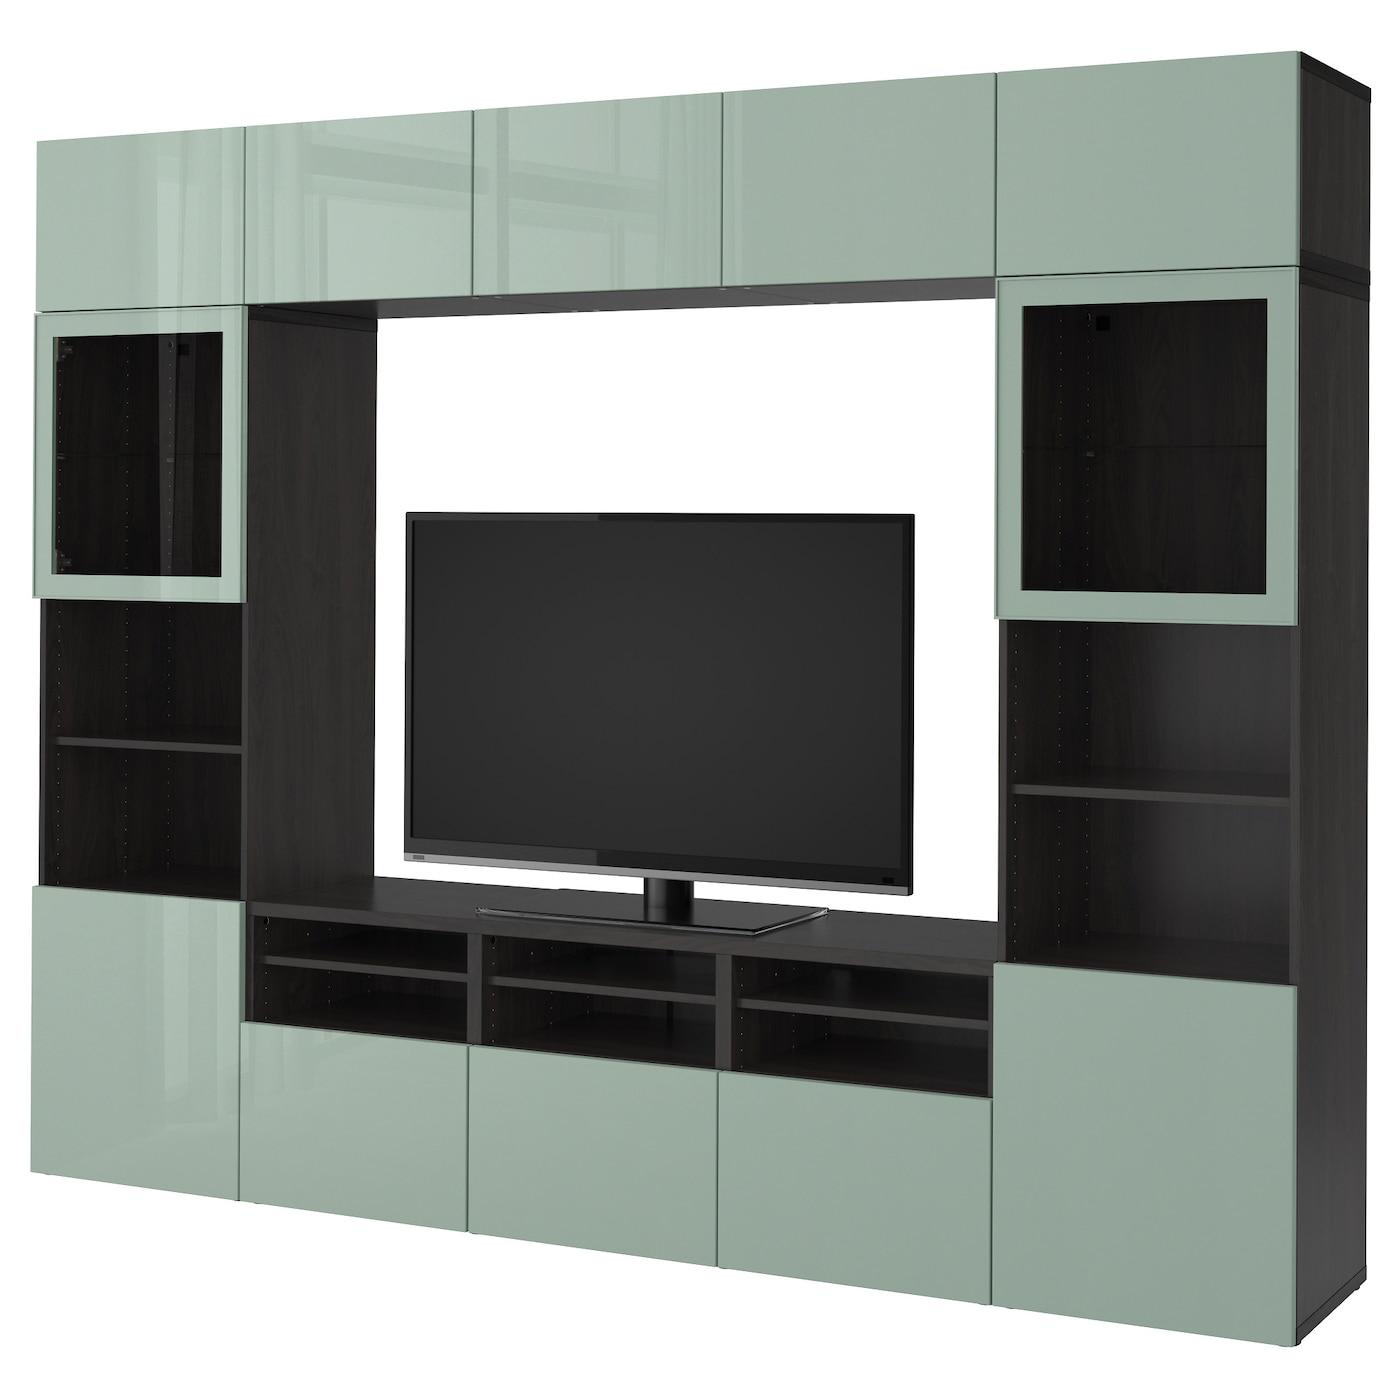 BESTÅ, TV-Komb. mit Vitrinentüren, schwarzbraun Selsviken, schwarzbraun 092.032.82